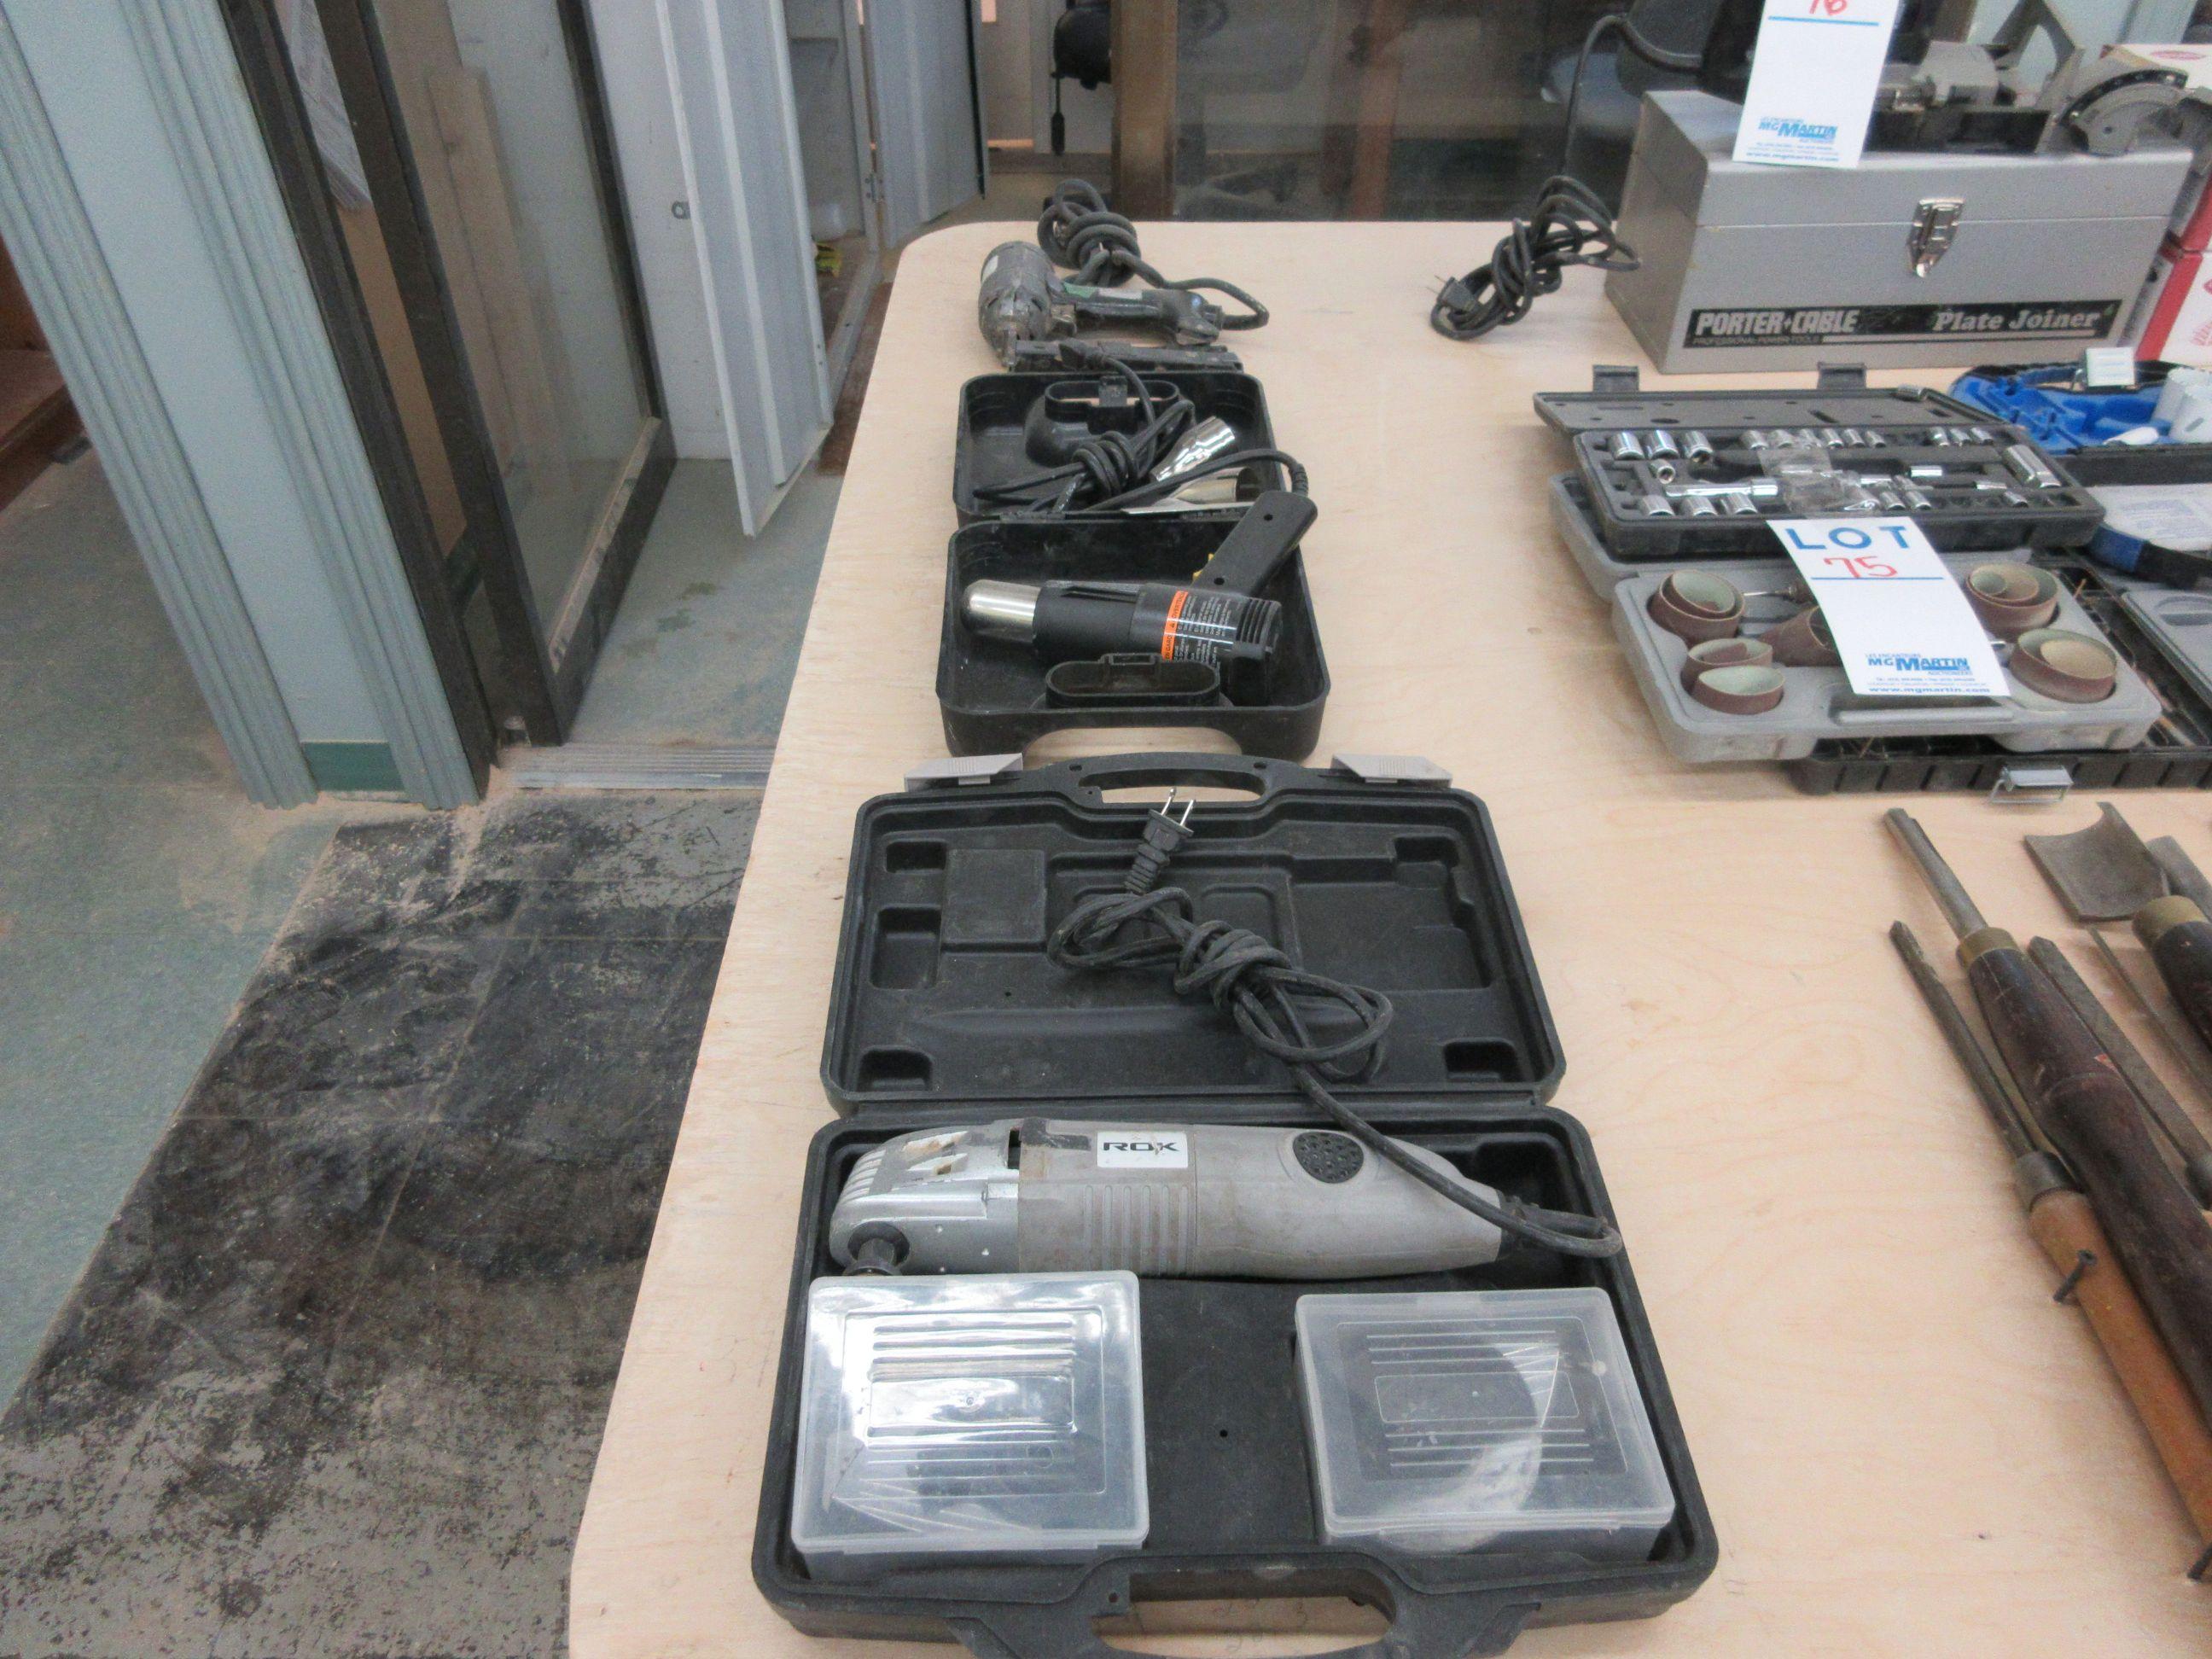 LOT including heater, stapler, etc.